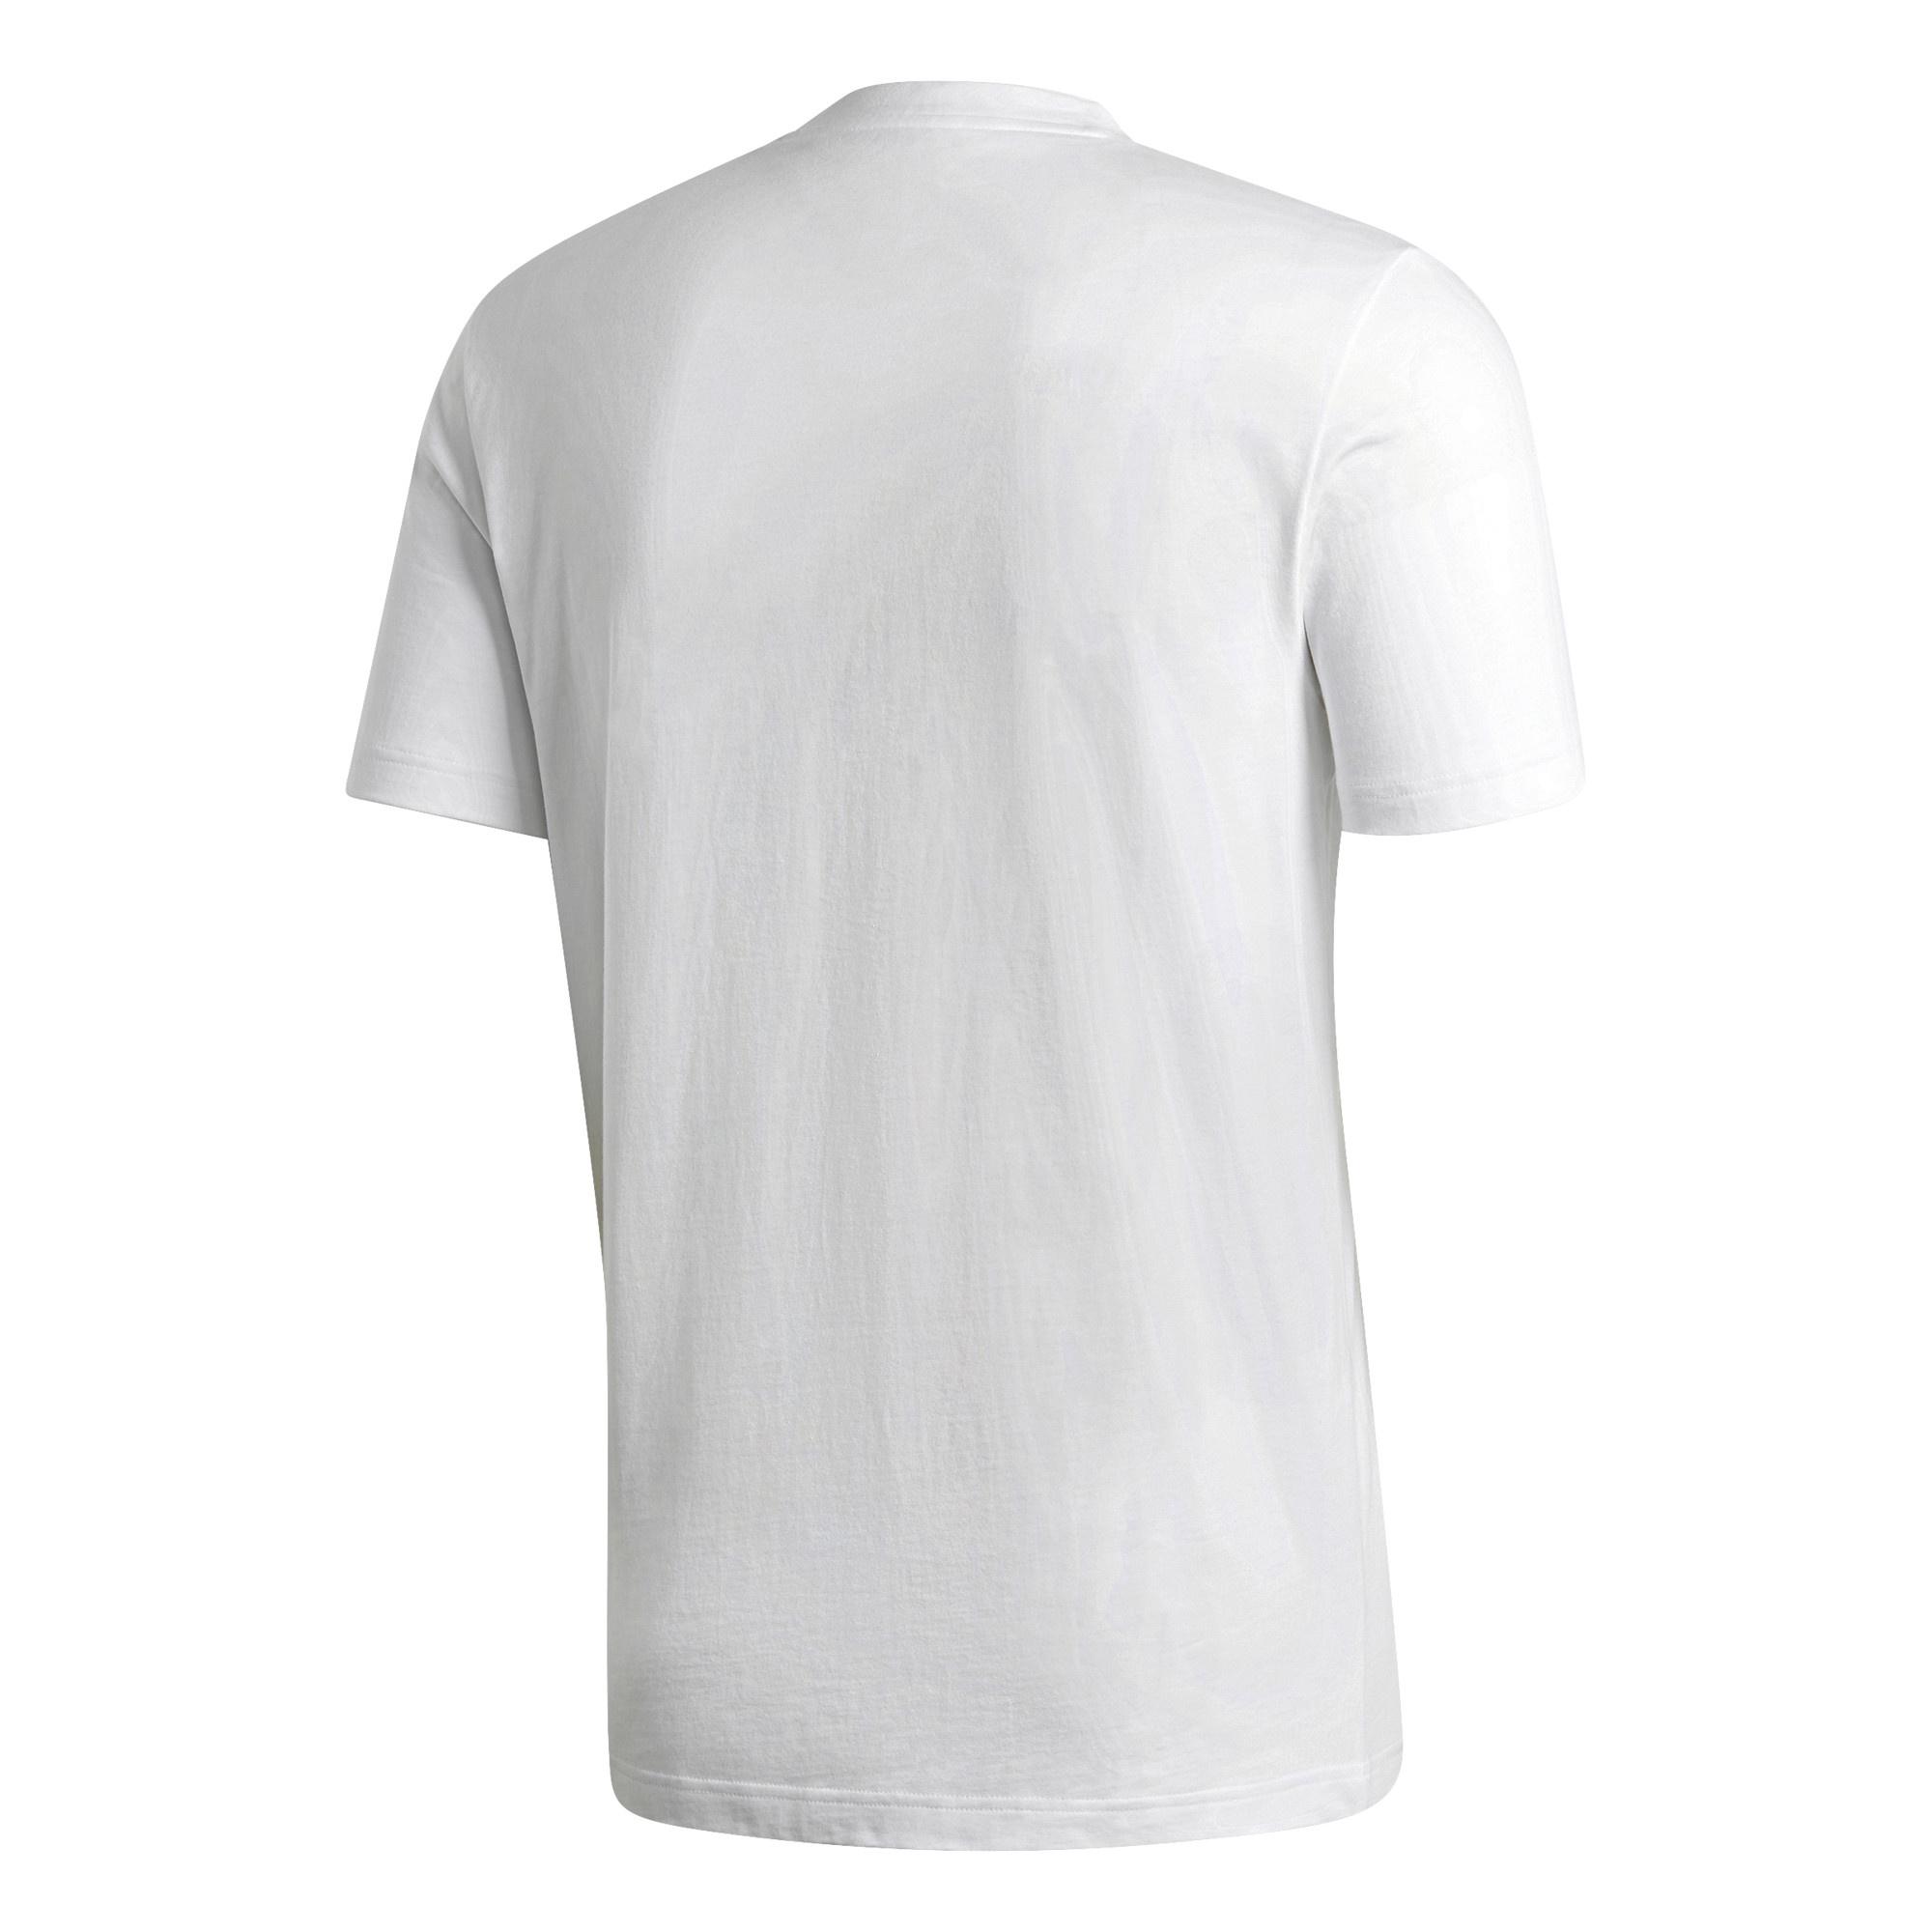 Adidas ADIDAS Essential Camo Line Jersey